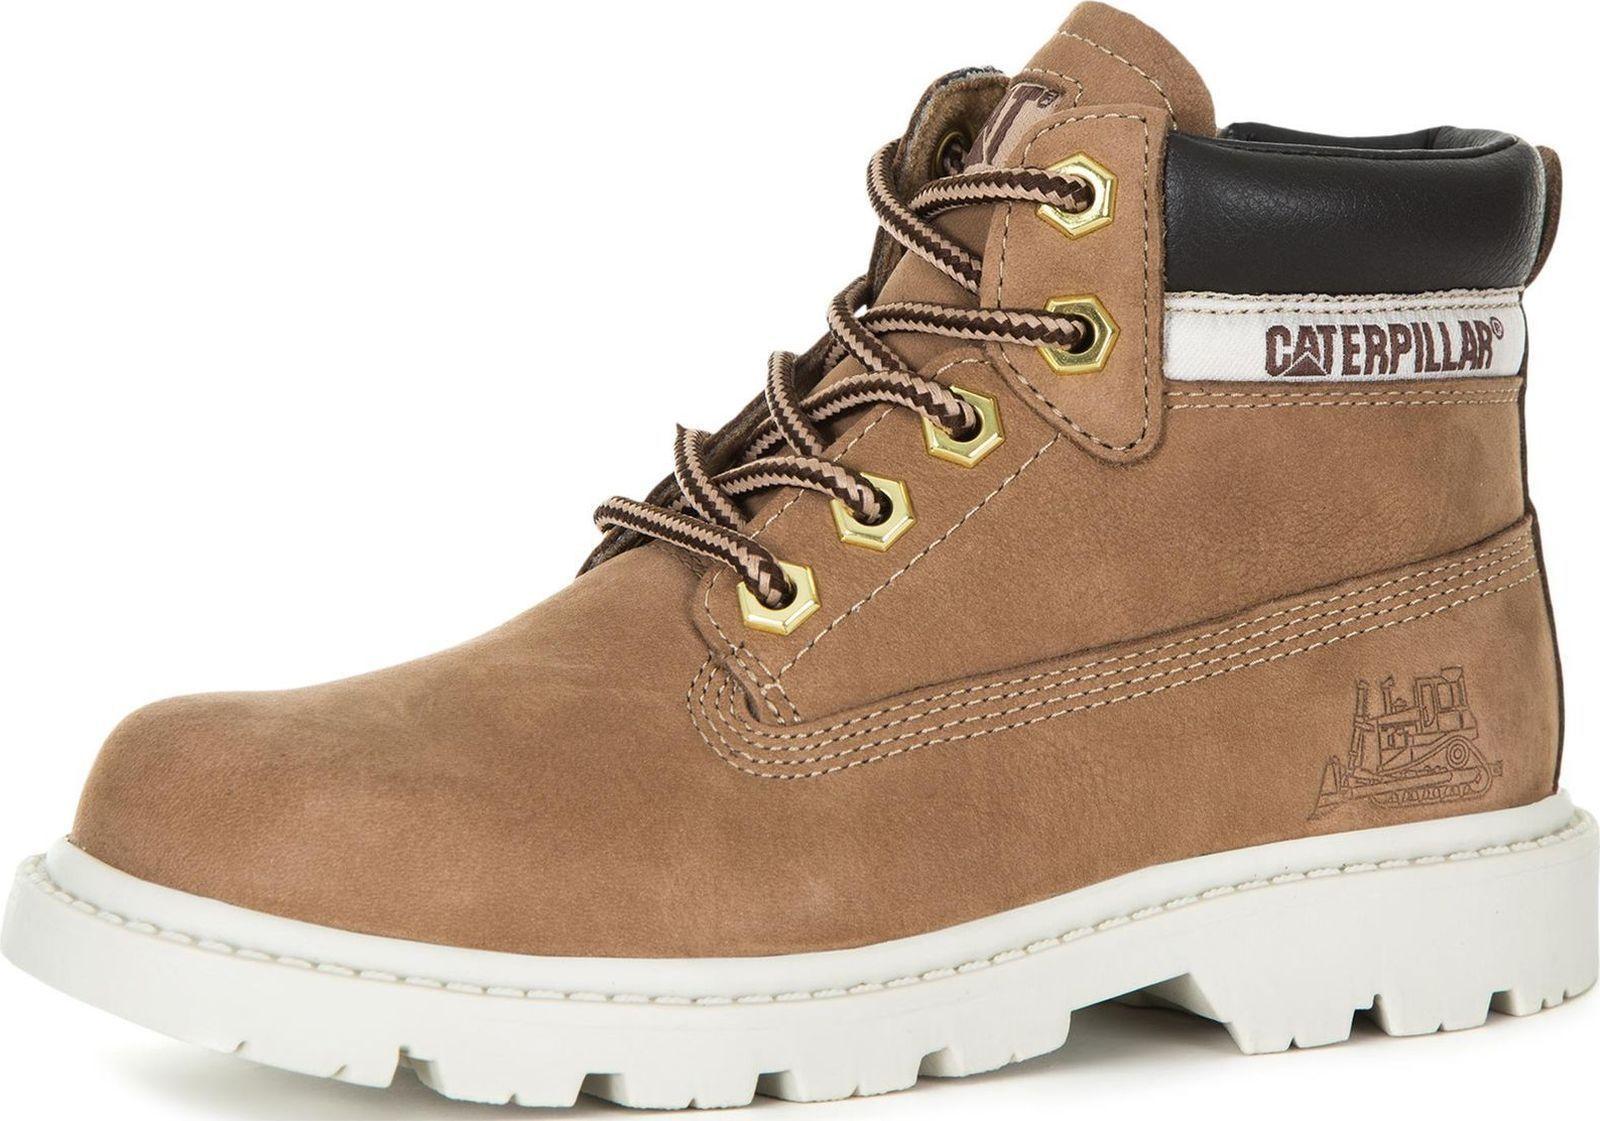 Ботинки Caterpillar ботинки для мальчика caterpillar colorado plus fur wp цвет черный p102353 размер 1 5 32